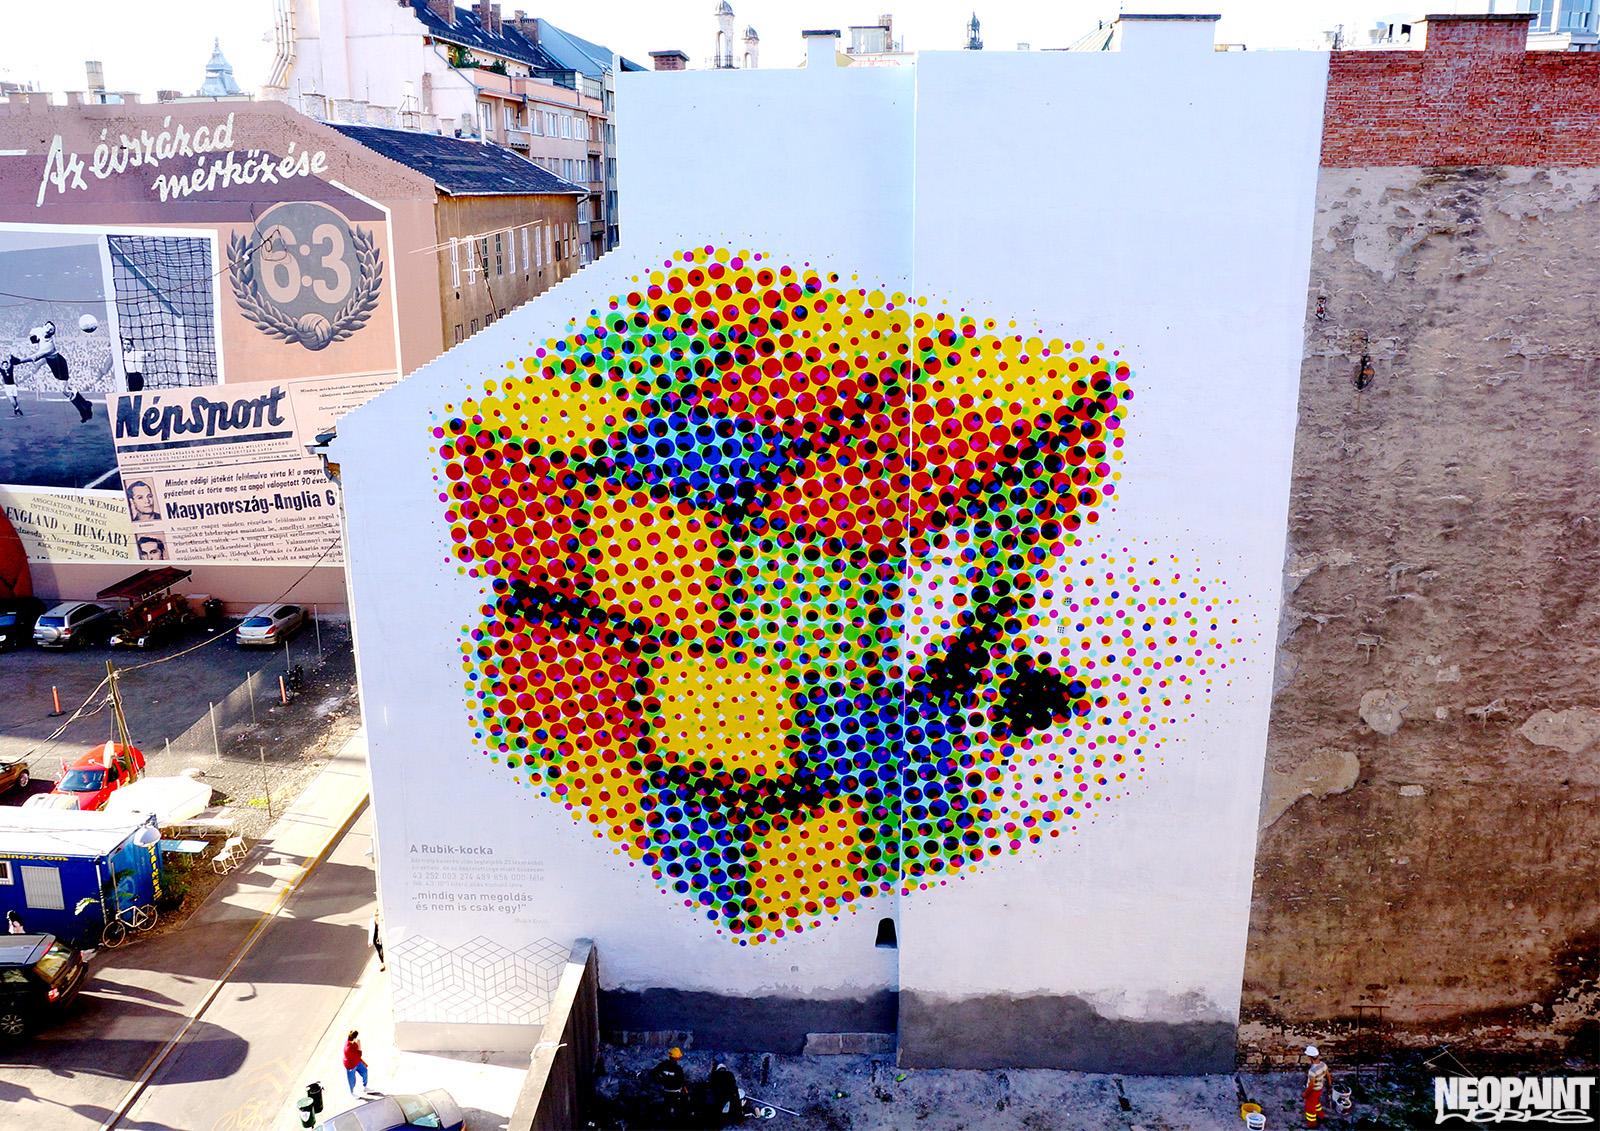 neopaint works - nagy méretű művészi falfestmény